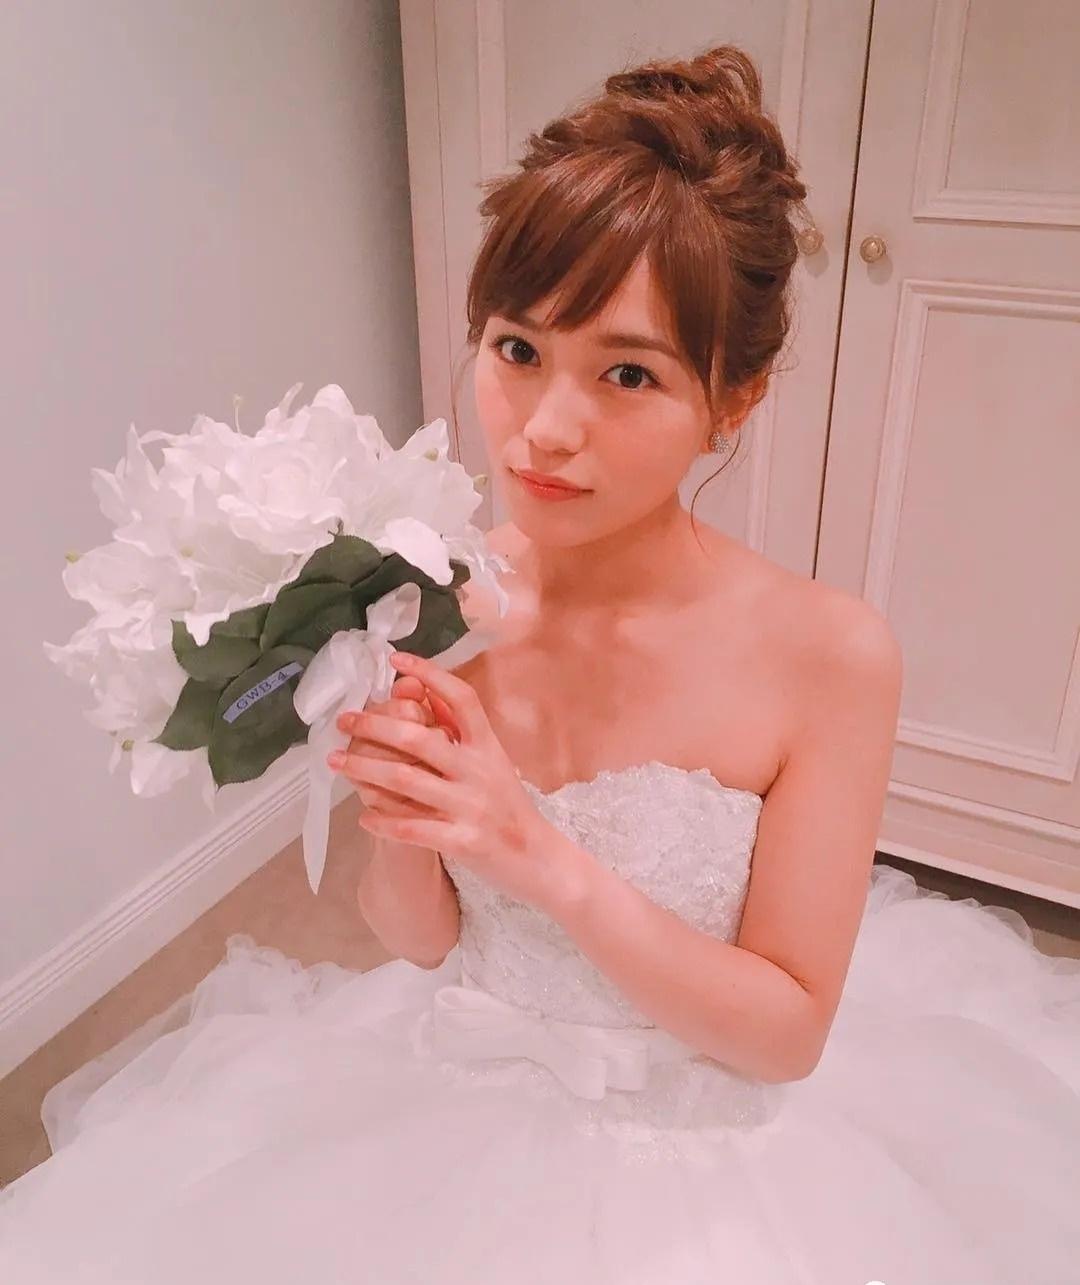 """""""日版沈佳宜""""之称的川口春奈与格斗家男友感情很好,网友猜测婚期将近 (2)"""